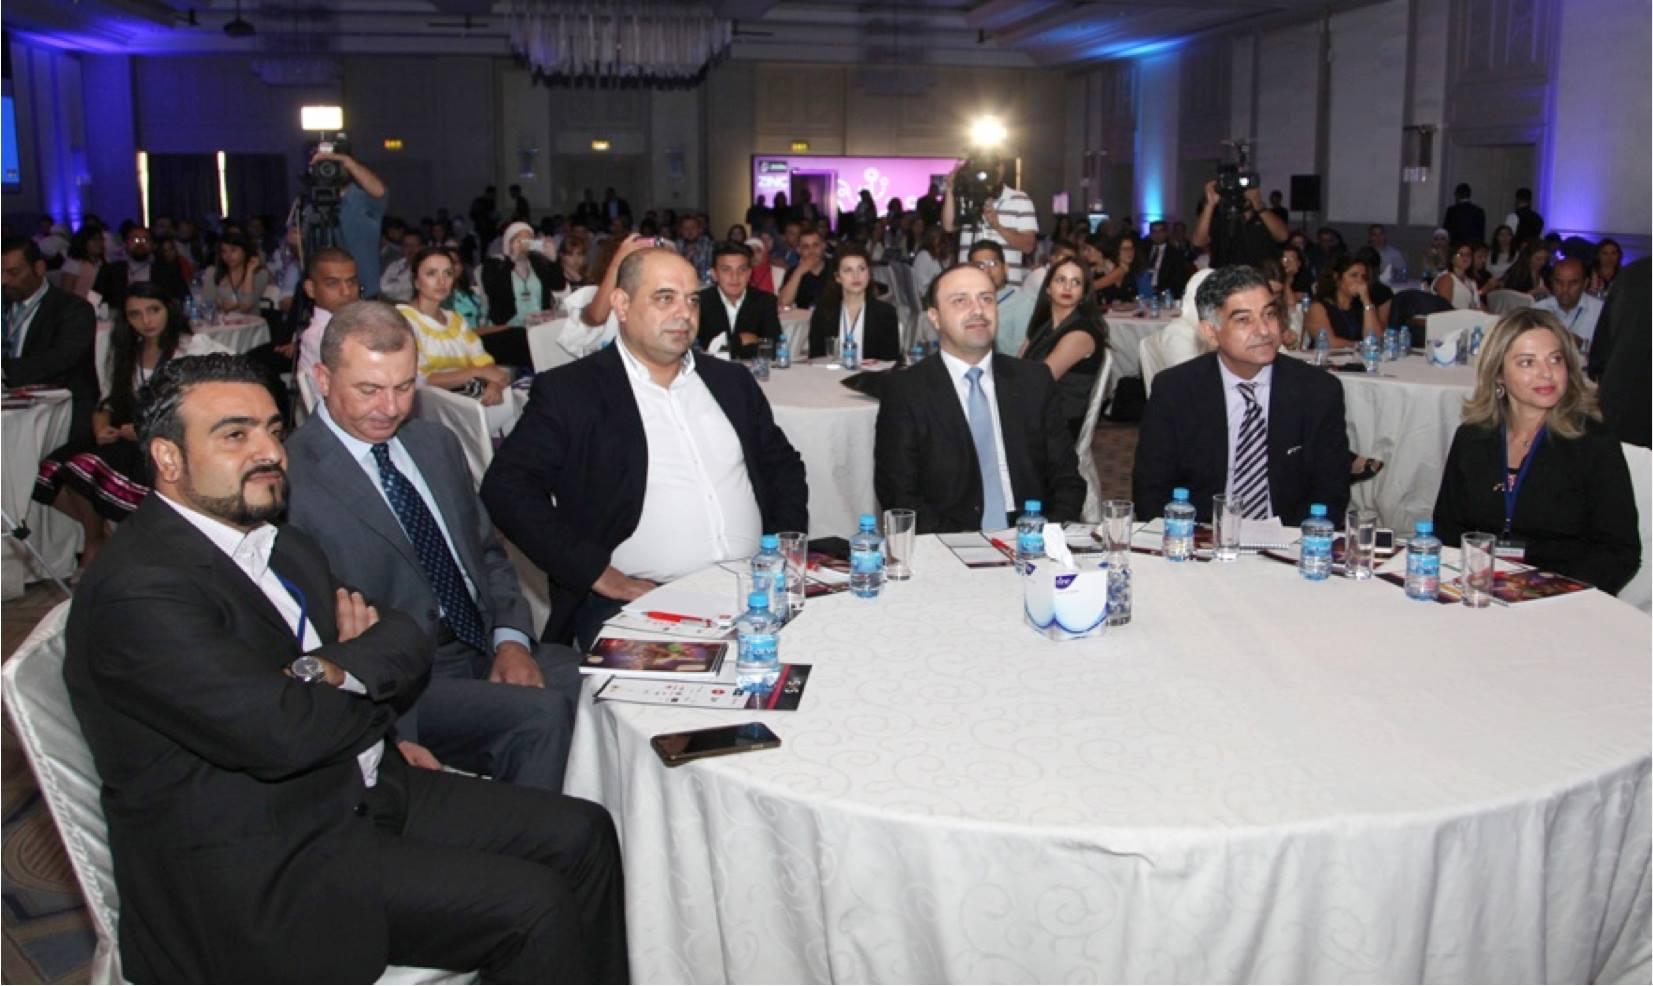 World Social Media Forum, TopJordan Social Media, Social Media in Jordan, Digital Marketing in Jordan, Jordan social media events